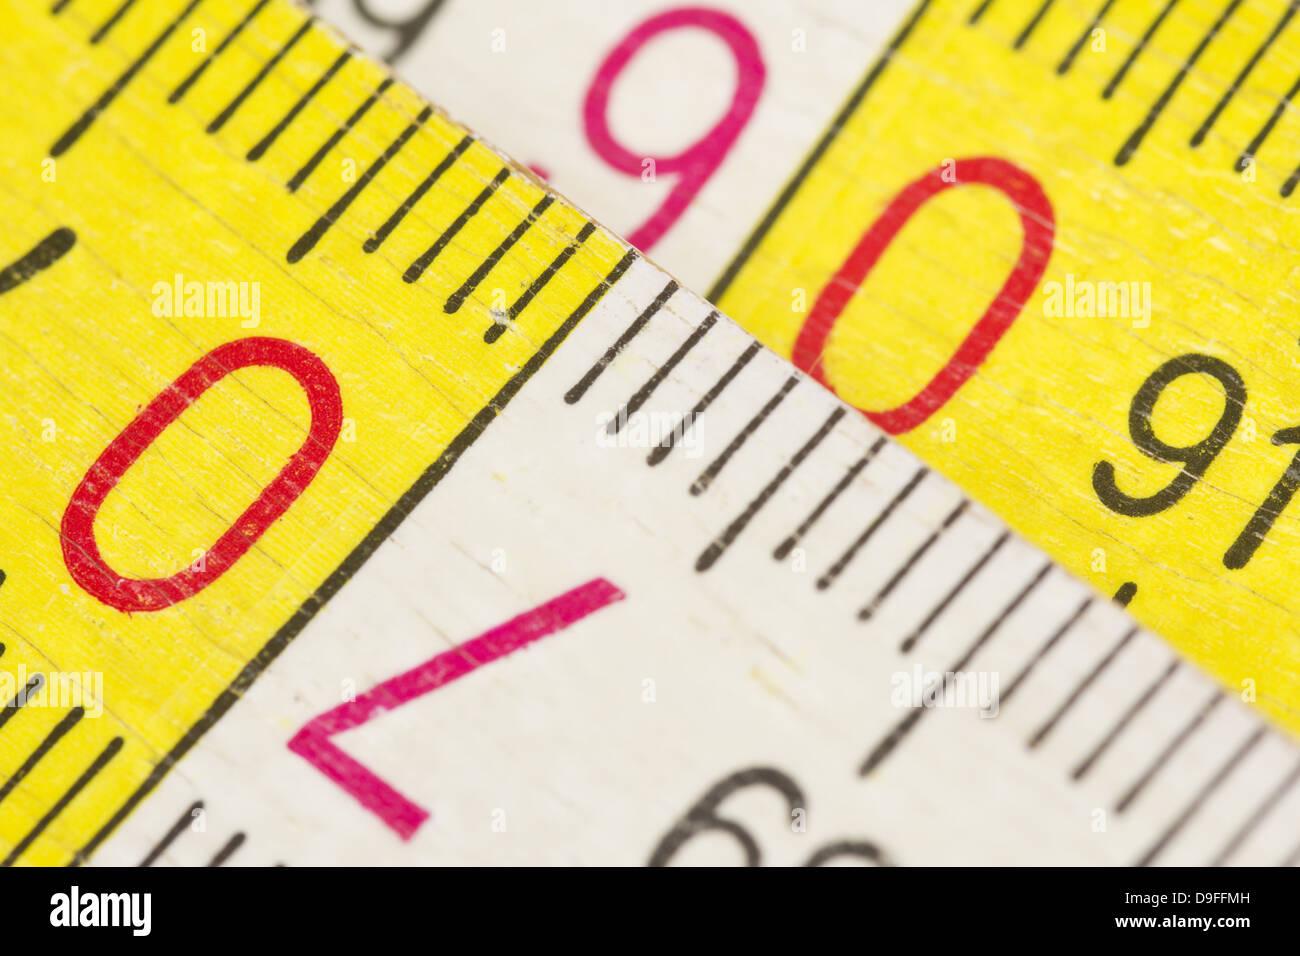 Nahaufnahme von einem Zollstock |Close up of a yardstick| - Stock Image